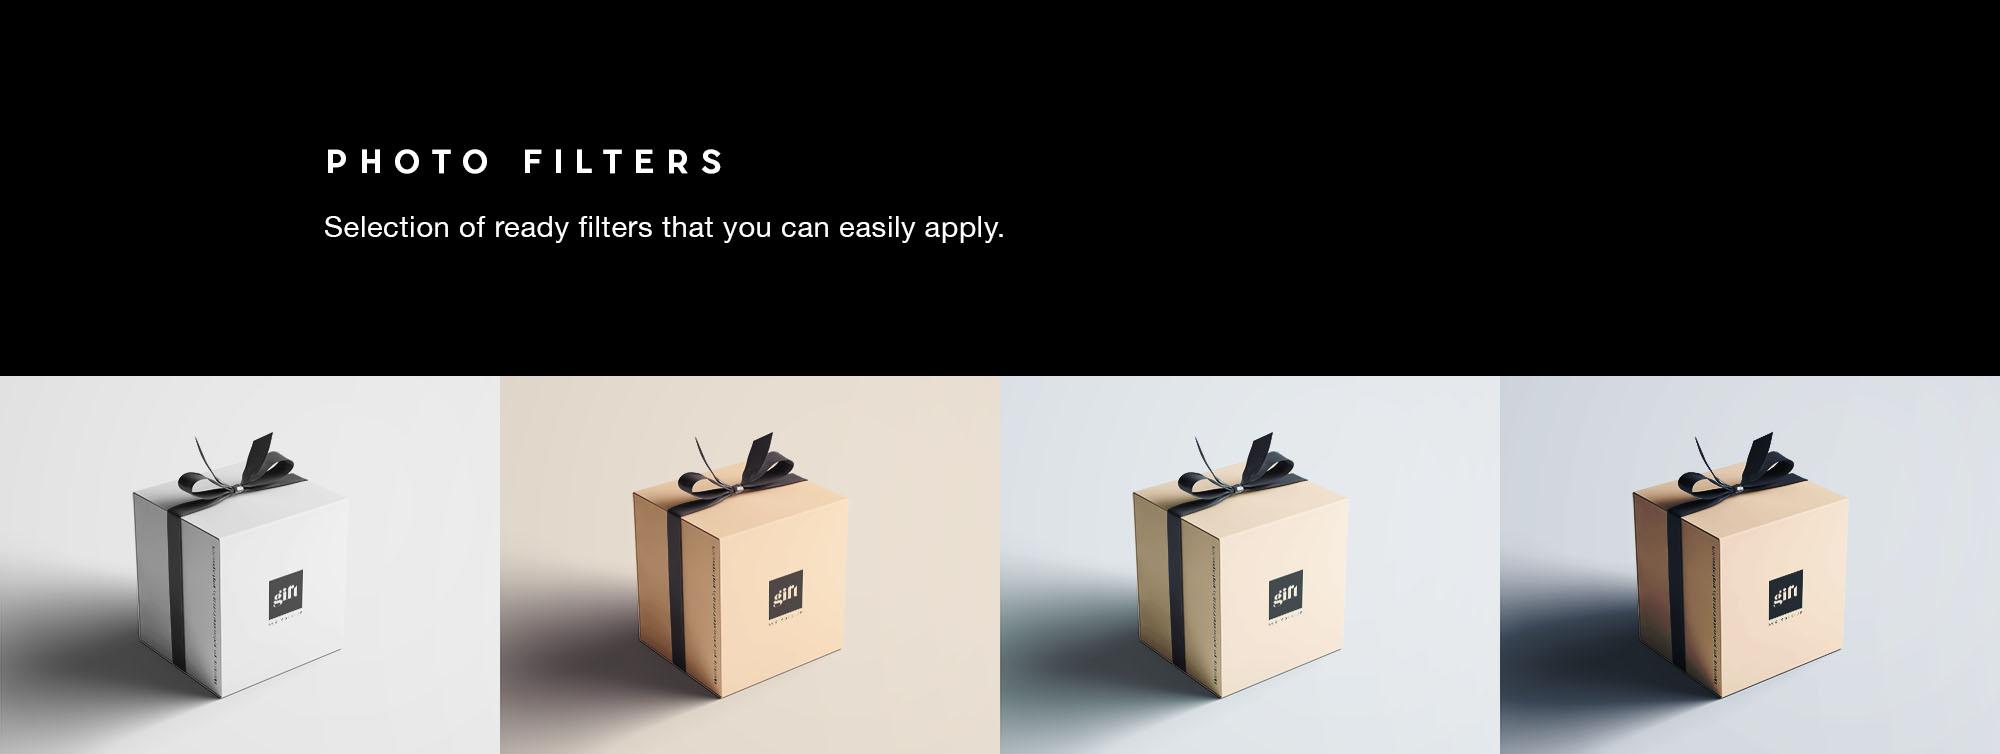 Gift Box Mockup - Filters